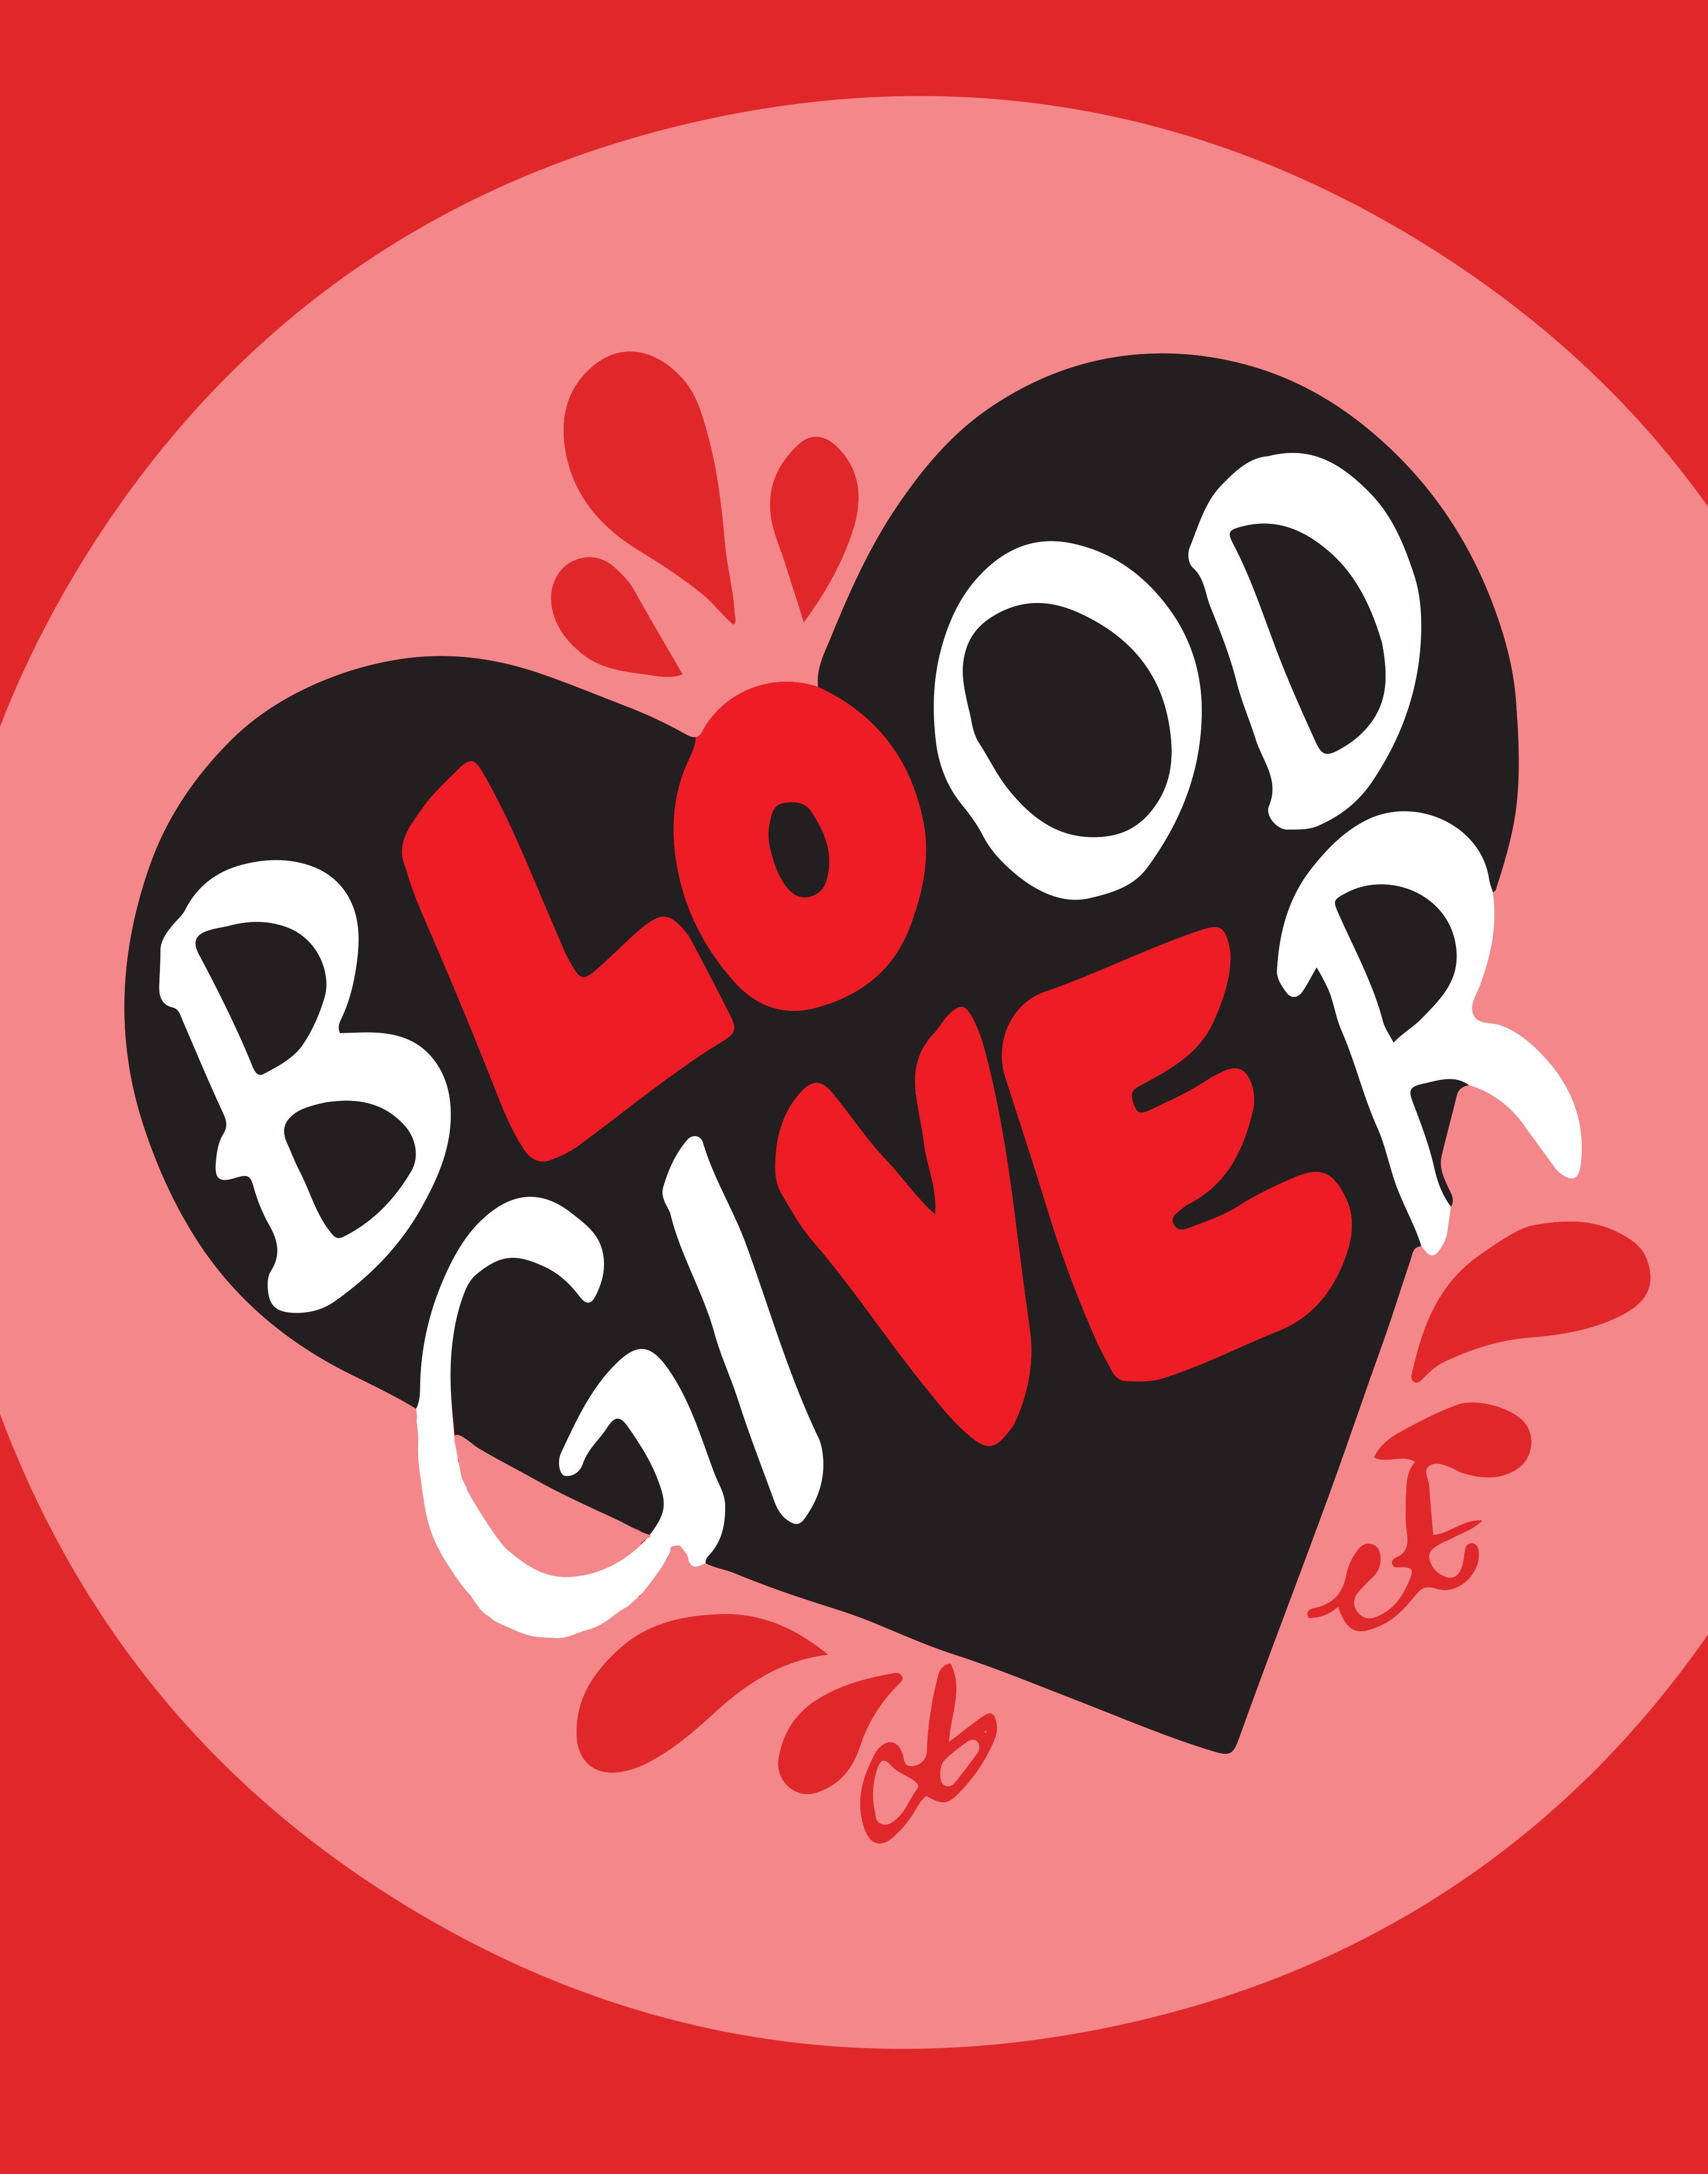 Cassi Tichy Blood Giver Valentine